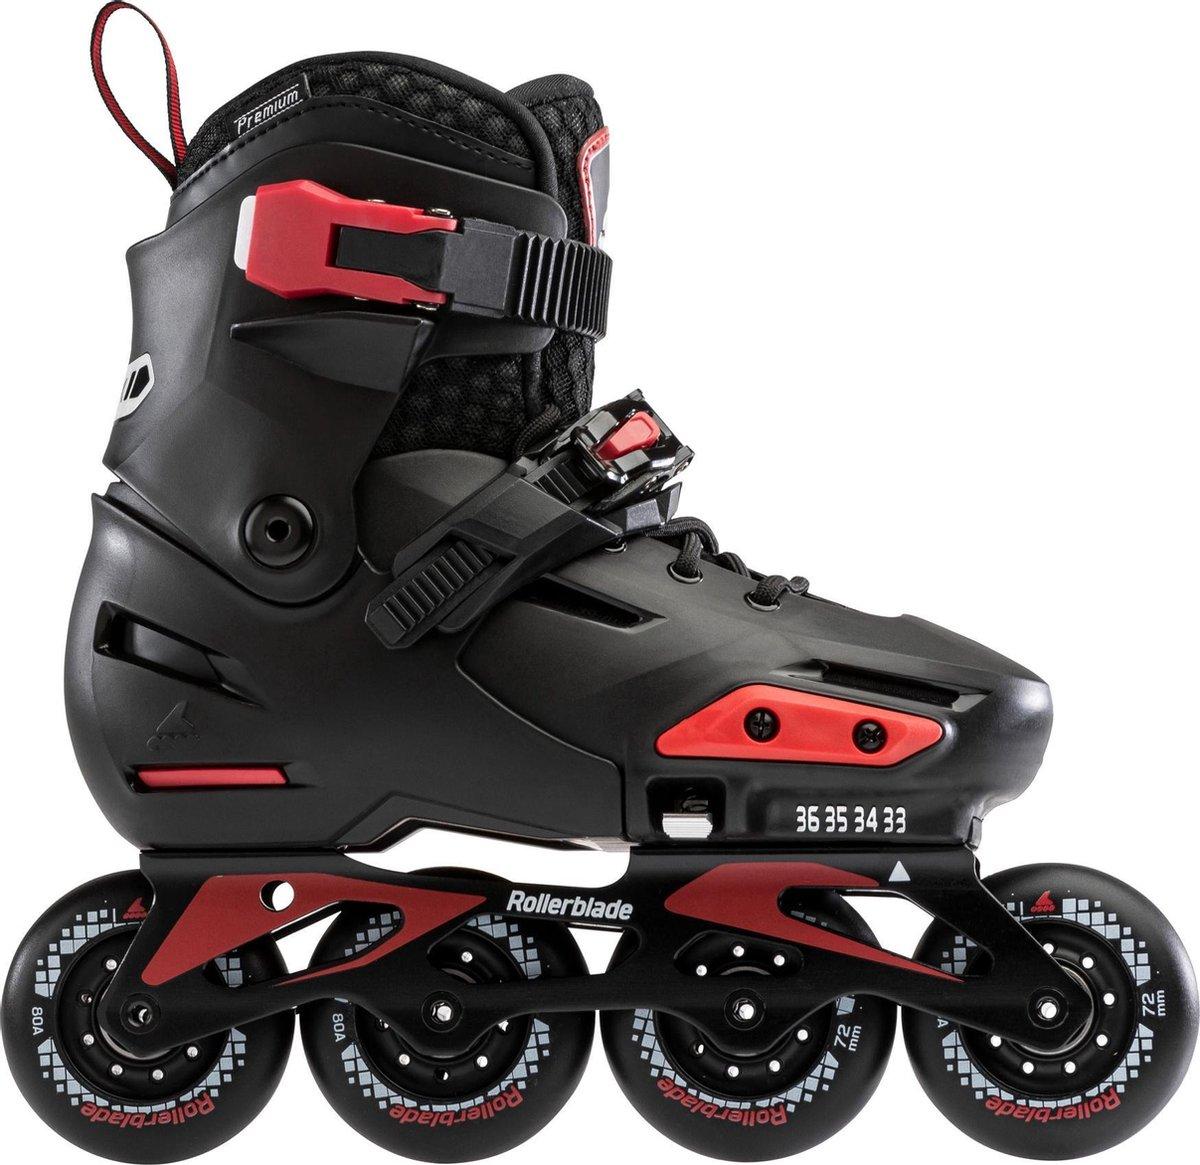 Rollerblade Inlineskates - Maat 33-36 - Unisex - zwart/rood maat:33-36 1/2